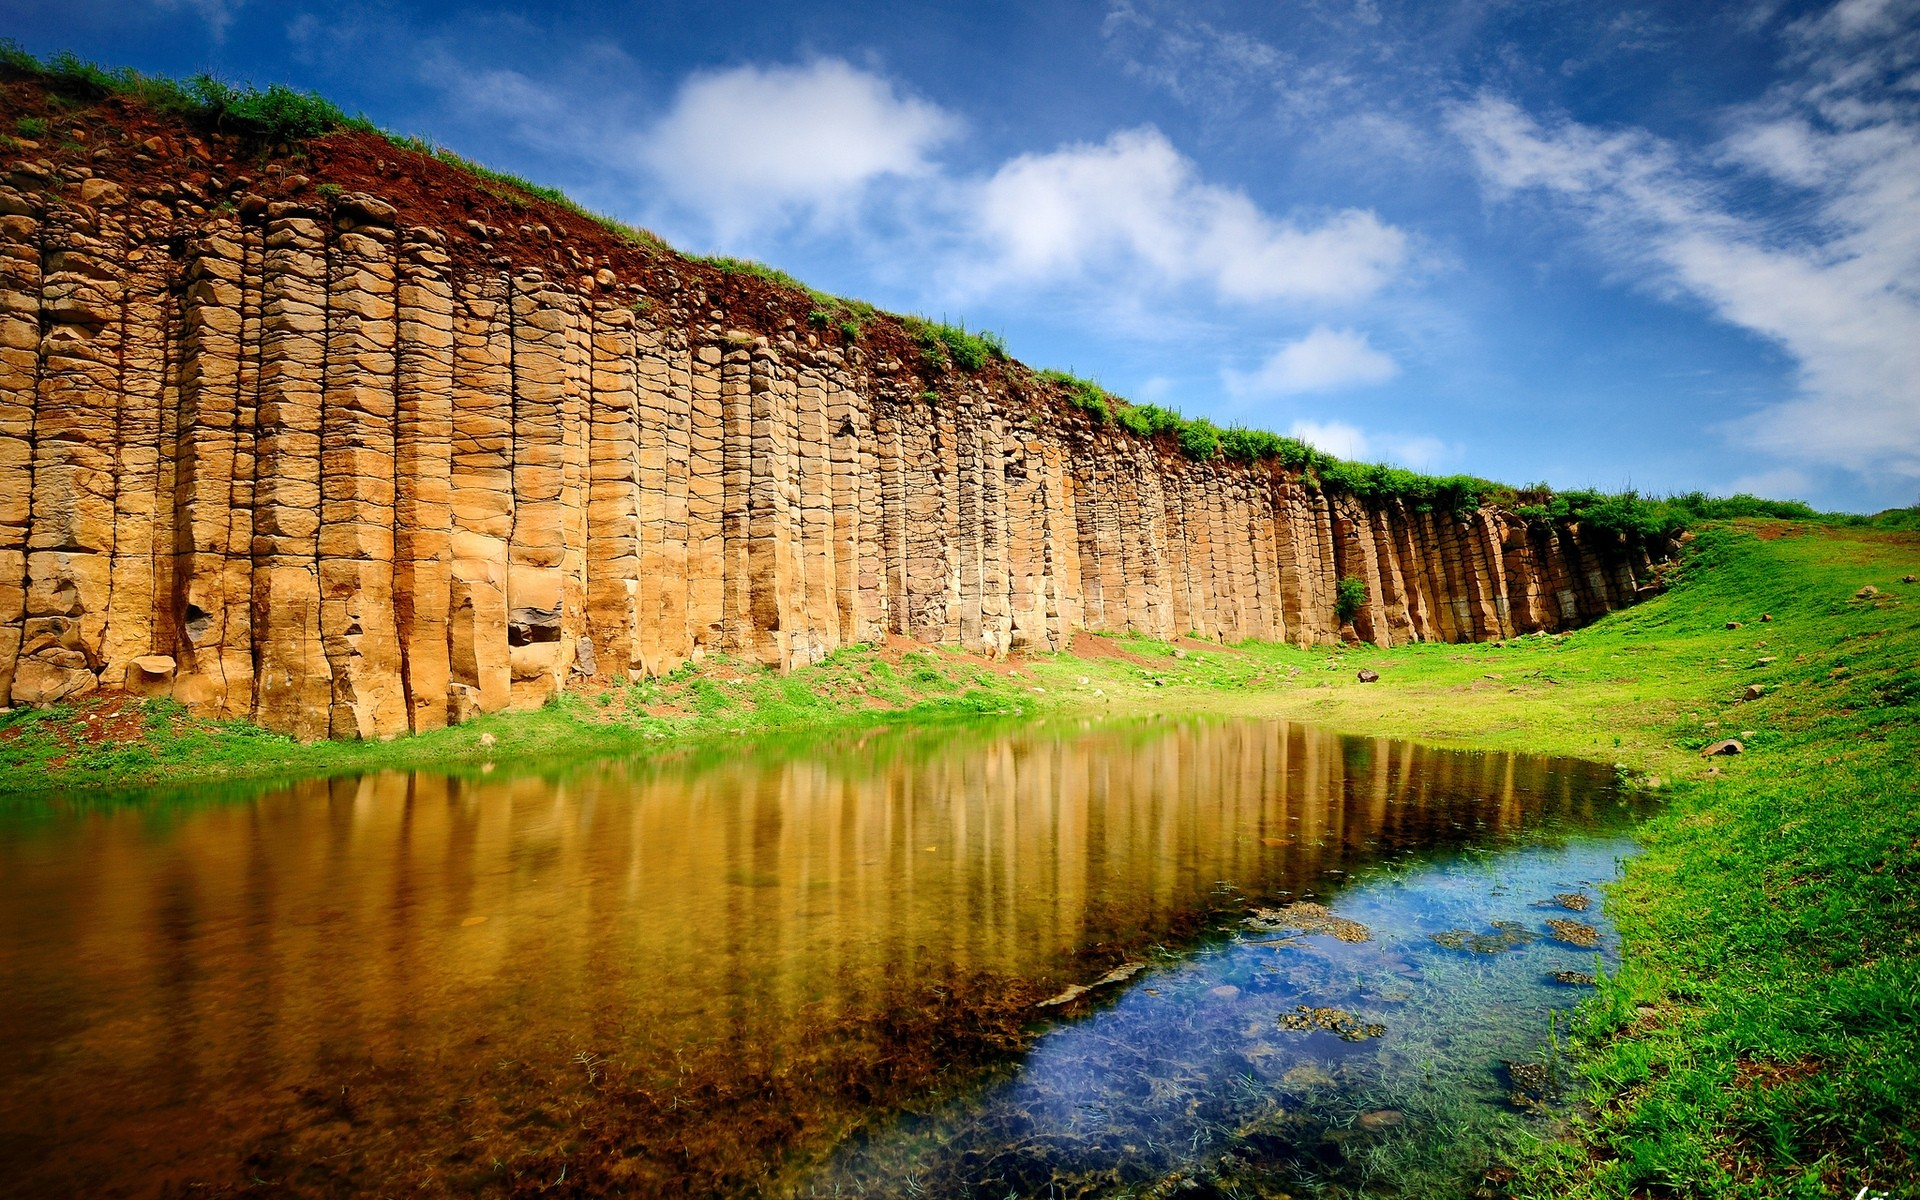 stunning nature landscape. desktop wallpapers for free.